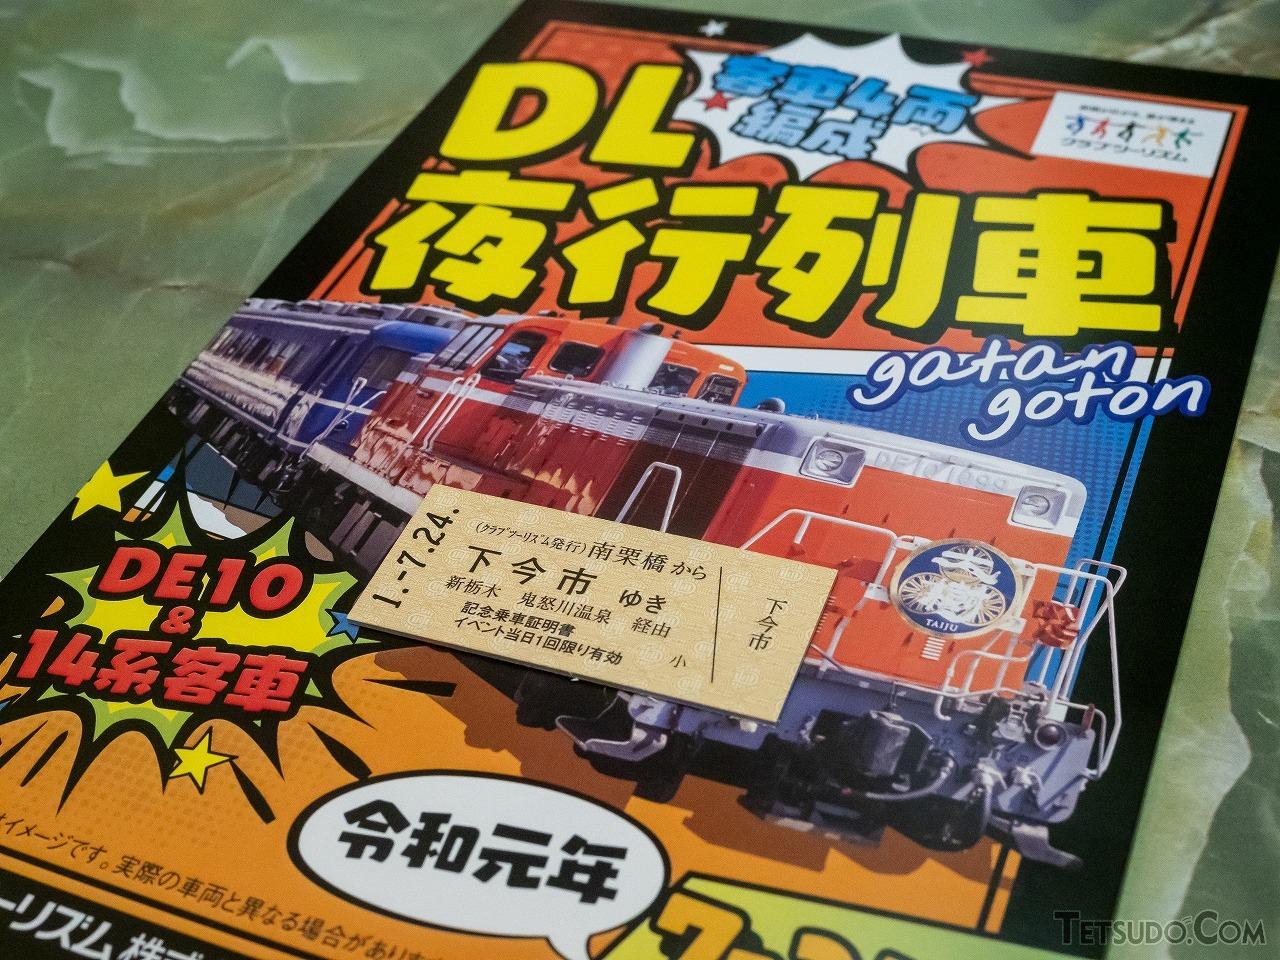 本格的な硬券タイプの記念乗車証明書と、アメコミ風のチラシが配布されました